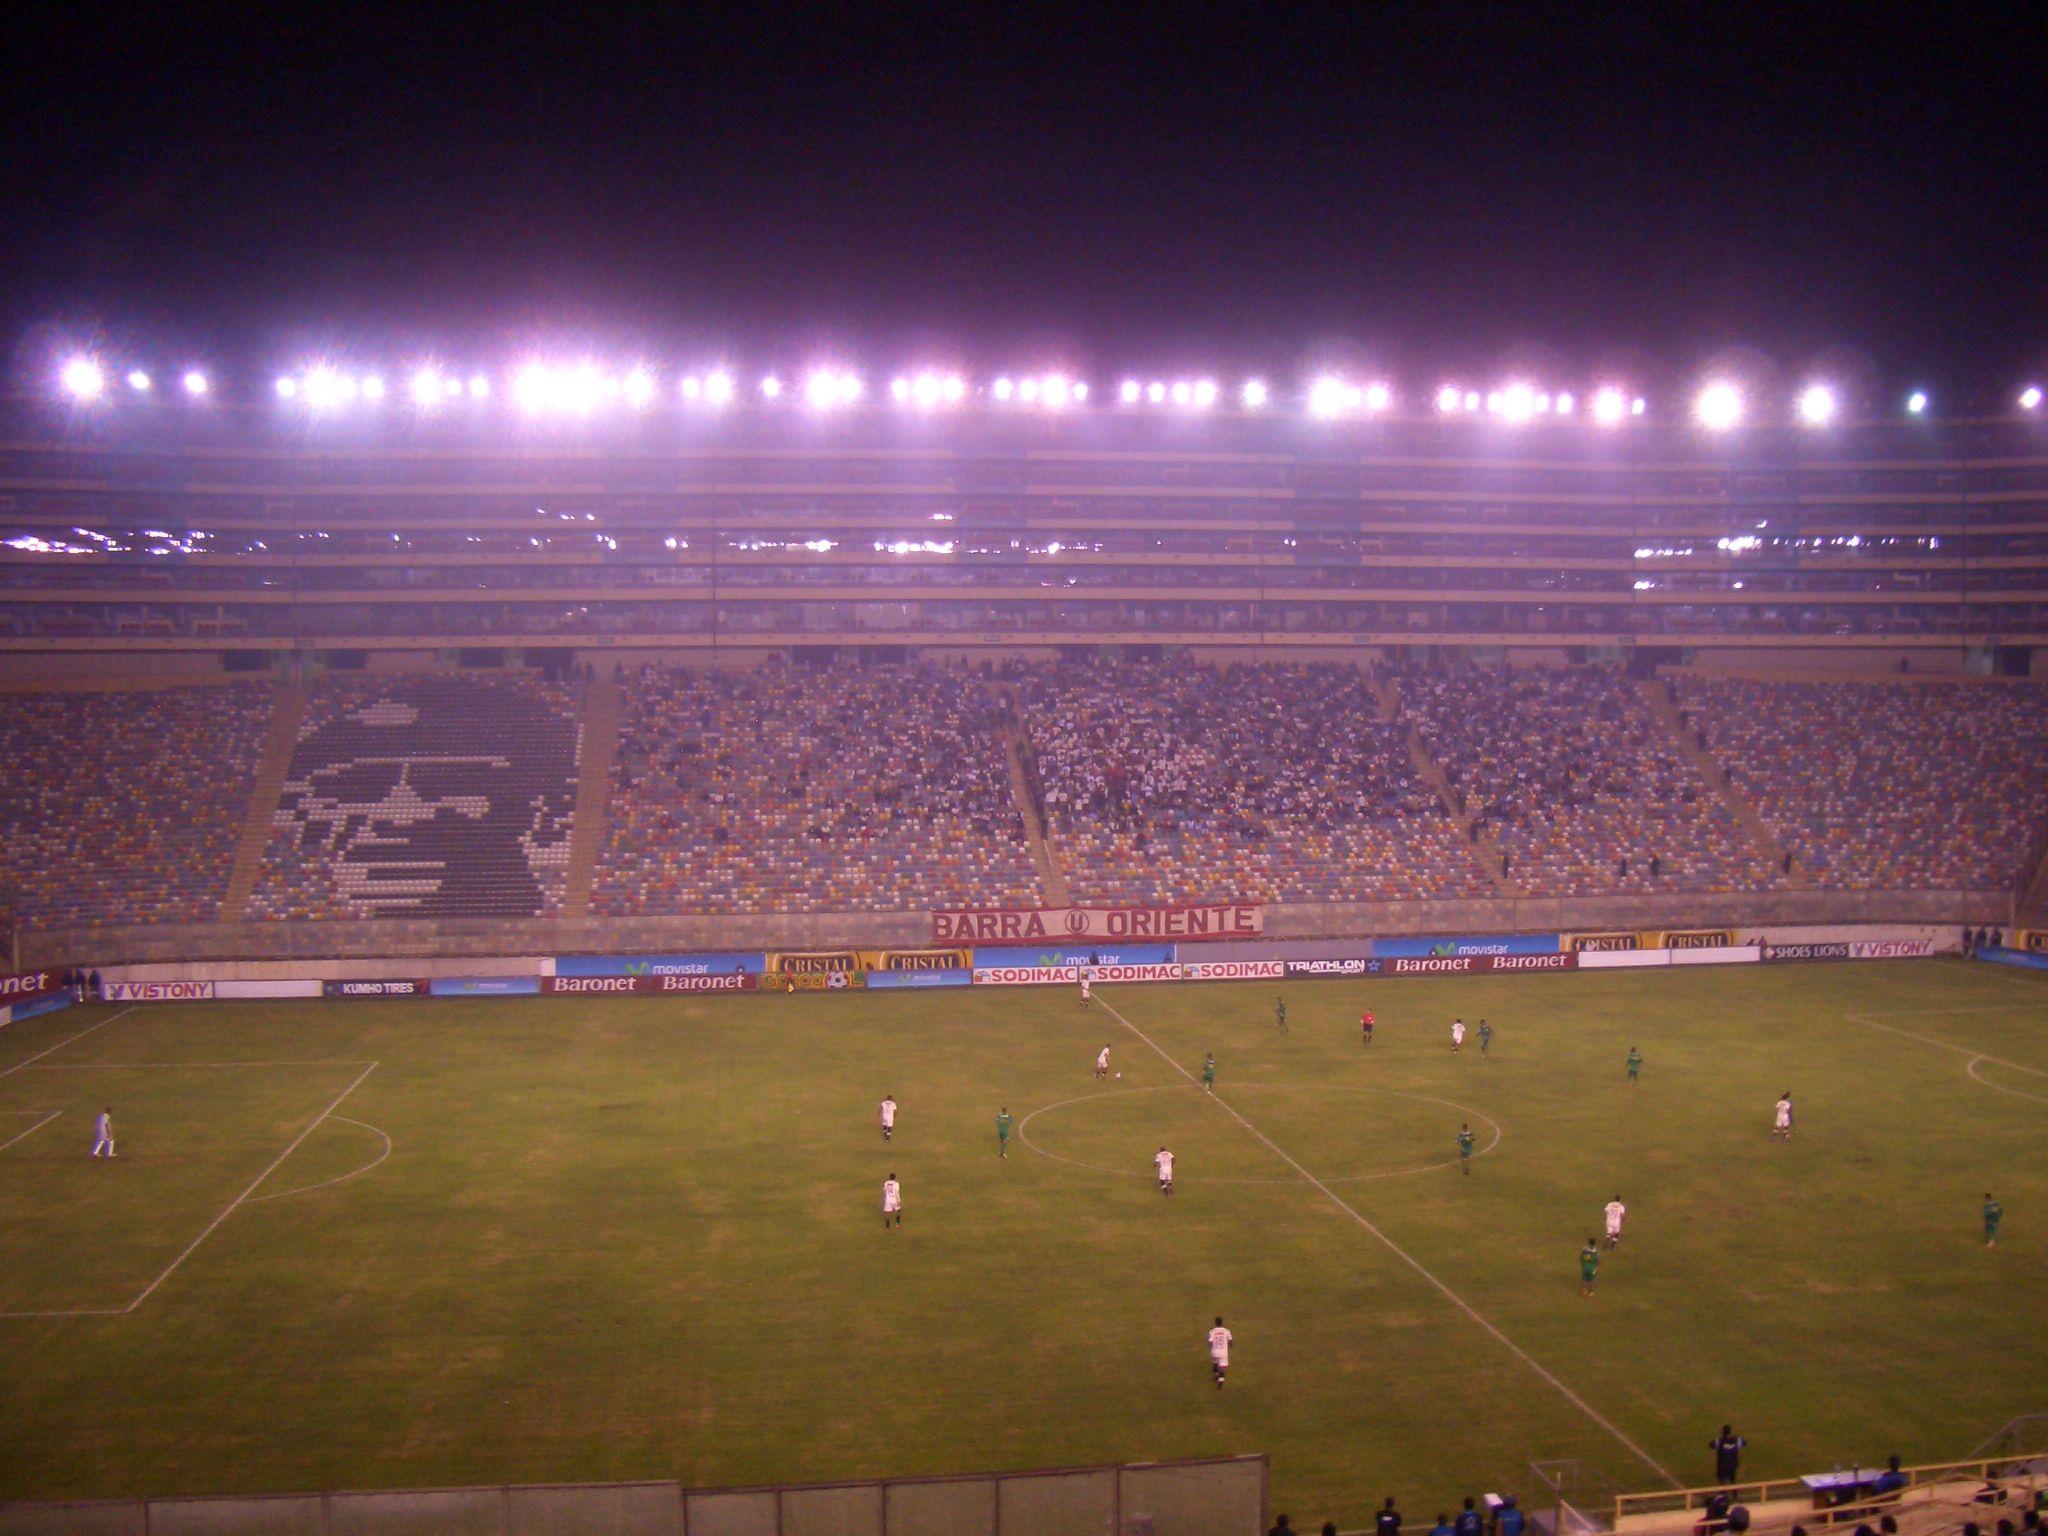 Universitario de Deportes - Sport Huancayo 3:1, Estadio Monumental, Lima, 27.5.2012 © by bmohler74